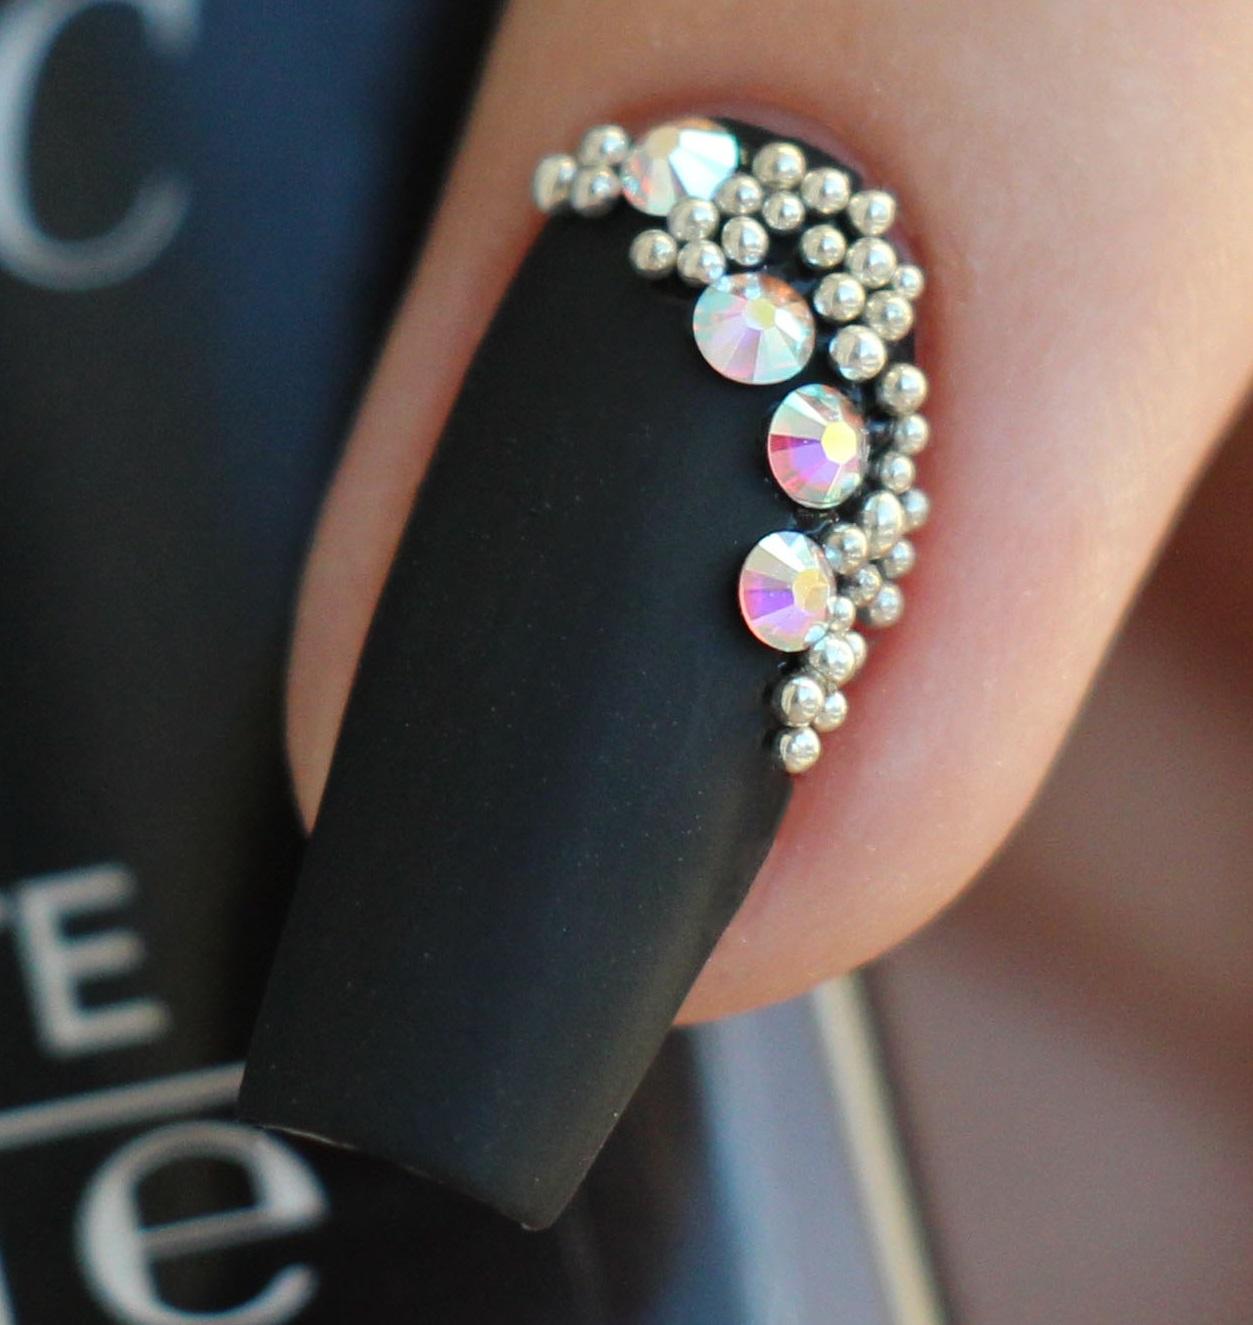 Если ногти не аккуратные, с заусенцами, ногти неправильной формы, то наш маникюр потеряет свое очарование.